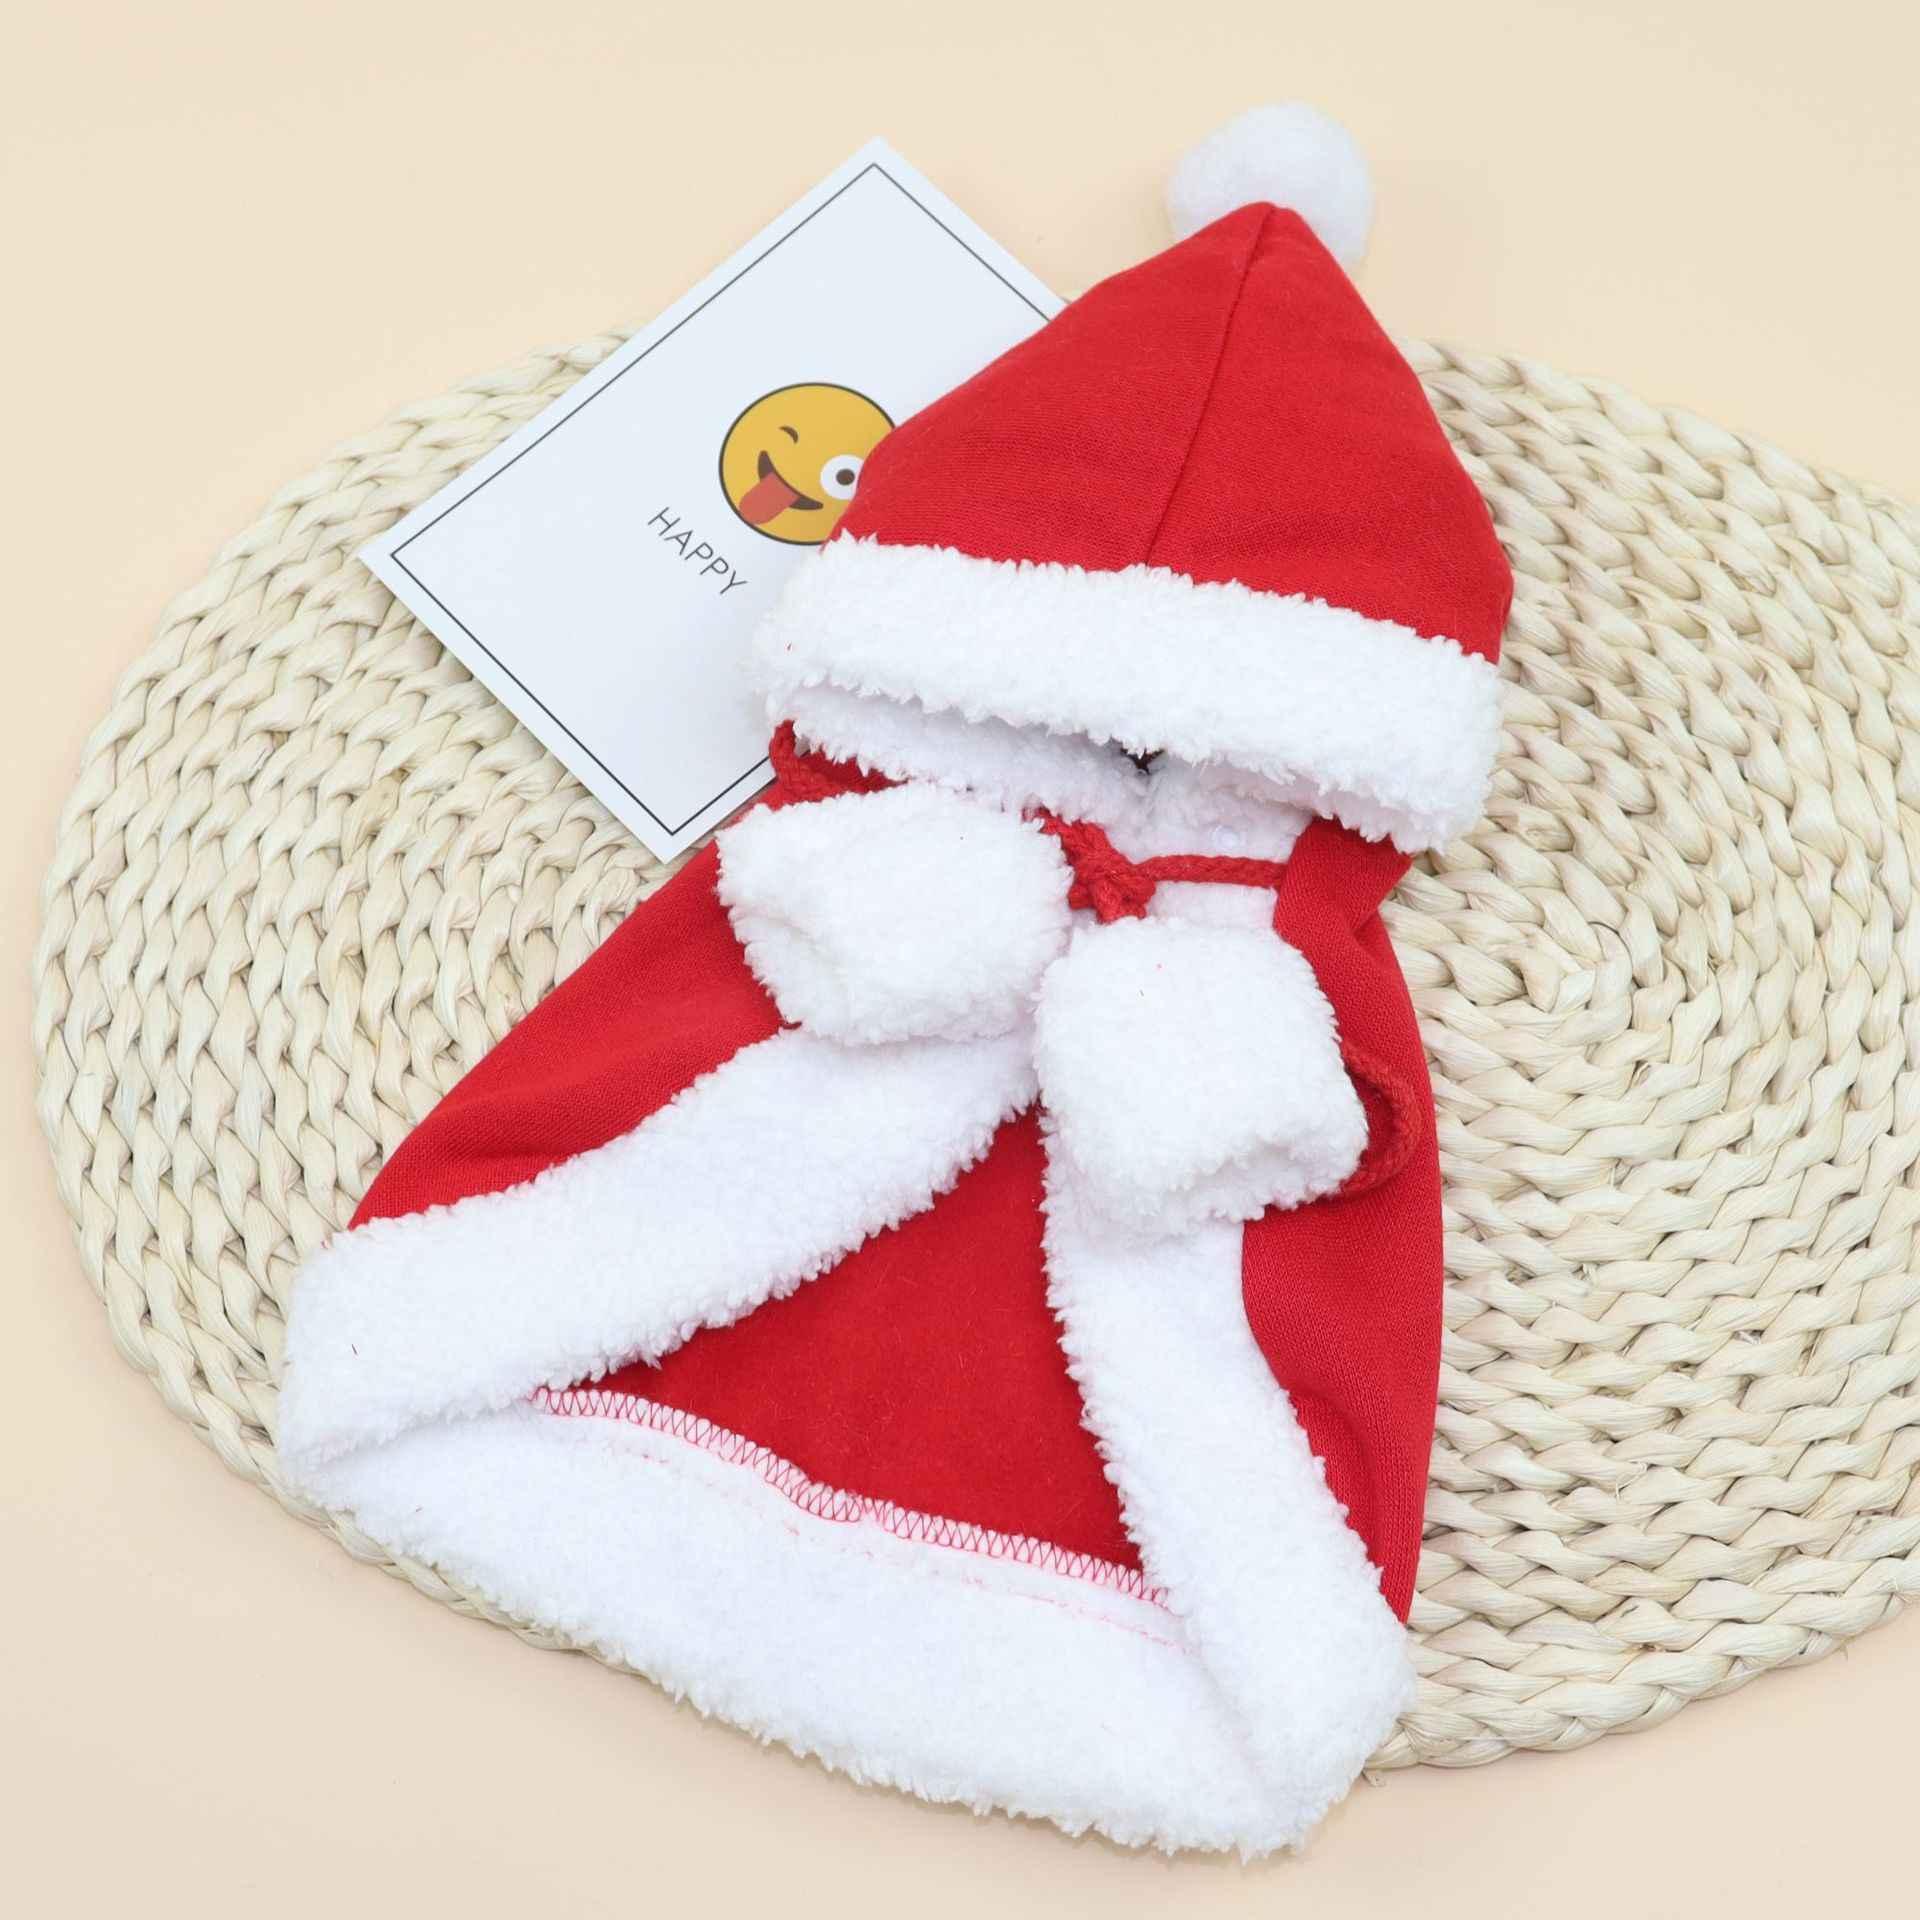 Commercio all'ingrosso Pet Dog Cat Sciarpa Cap Mantello Della Fascia Set Regali di Festa Di Natale Vestiti di Inverno